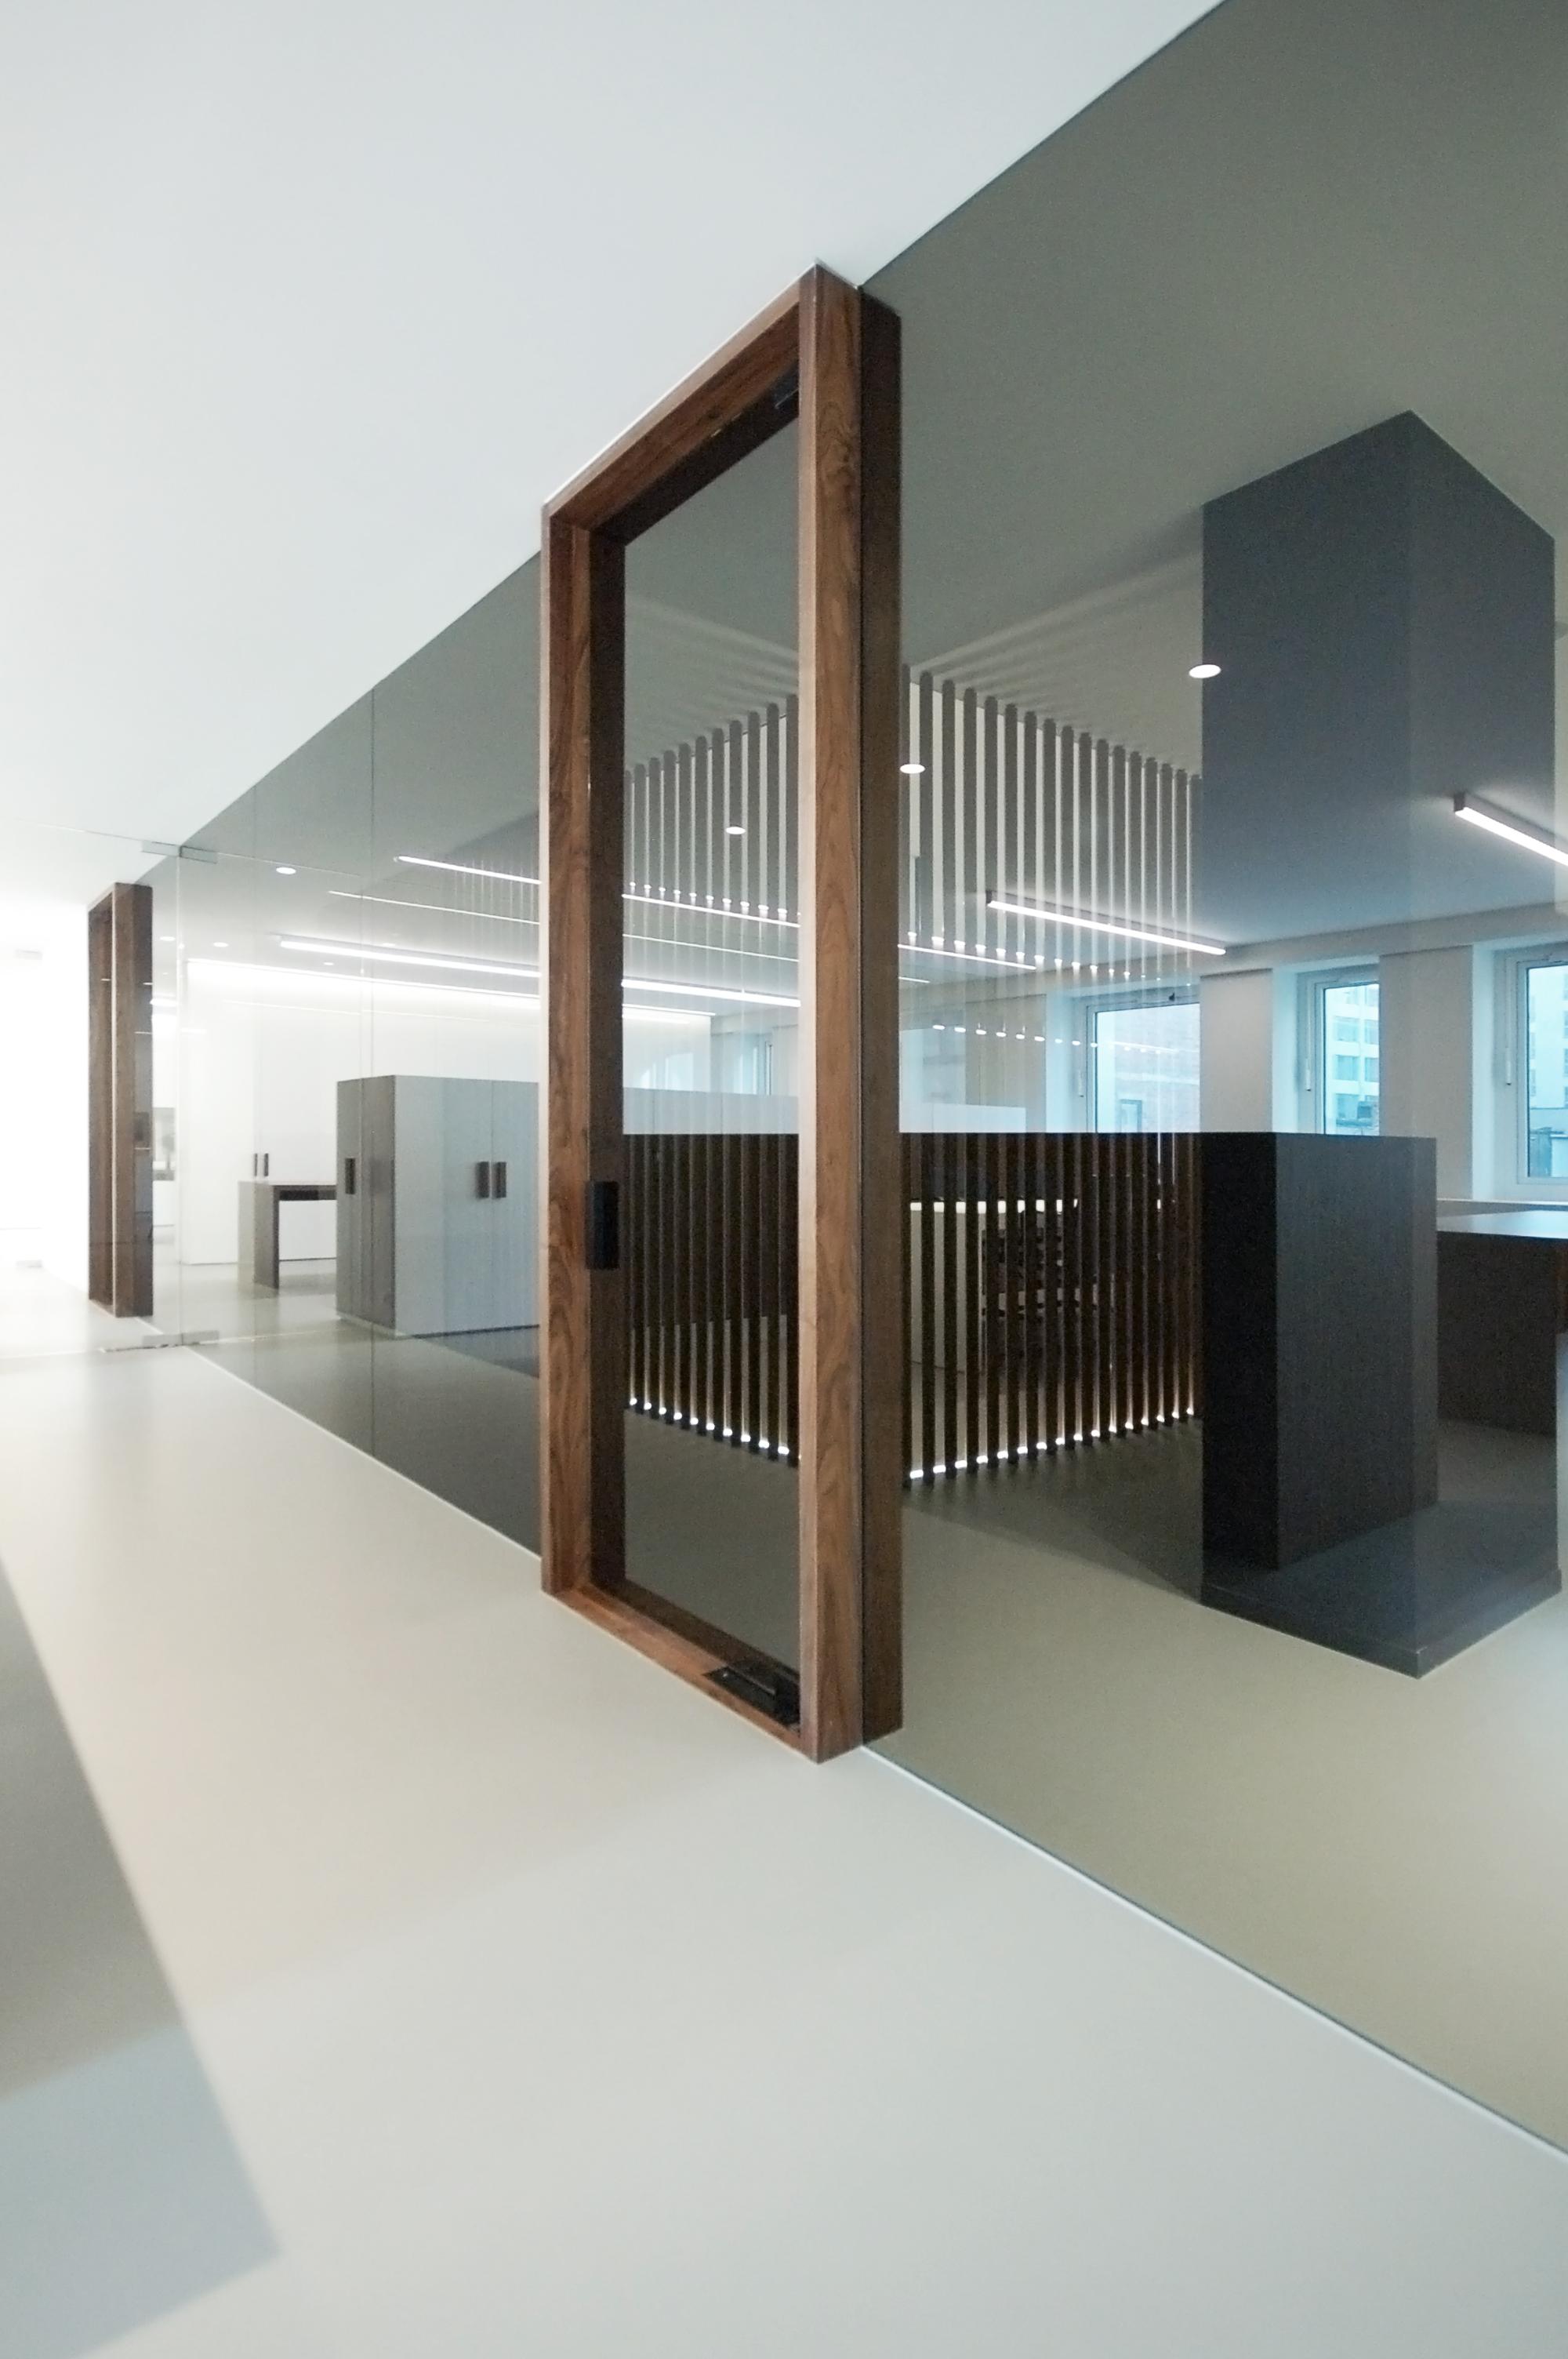 demeestervliegen-architecture-interior-interiorarchitecture-office26.jpg